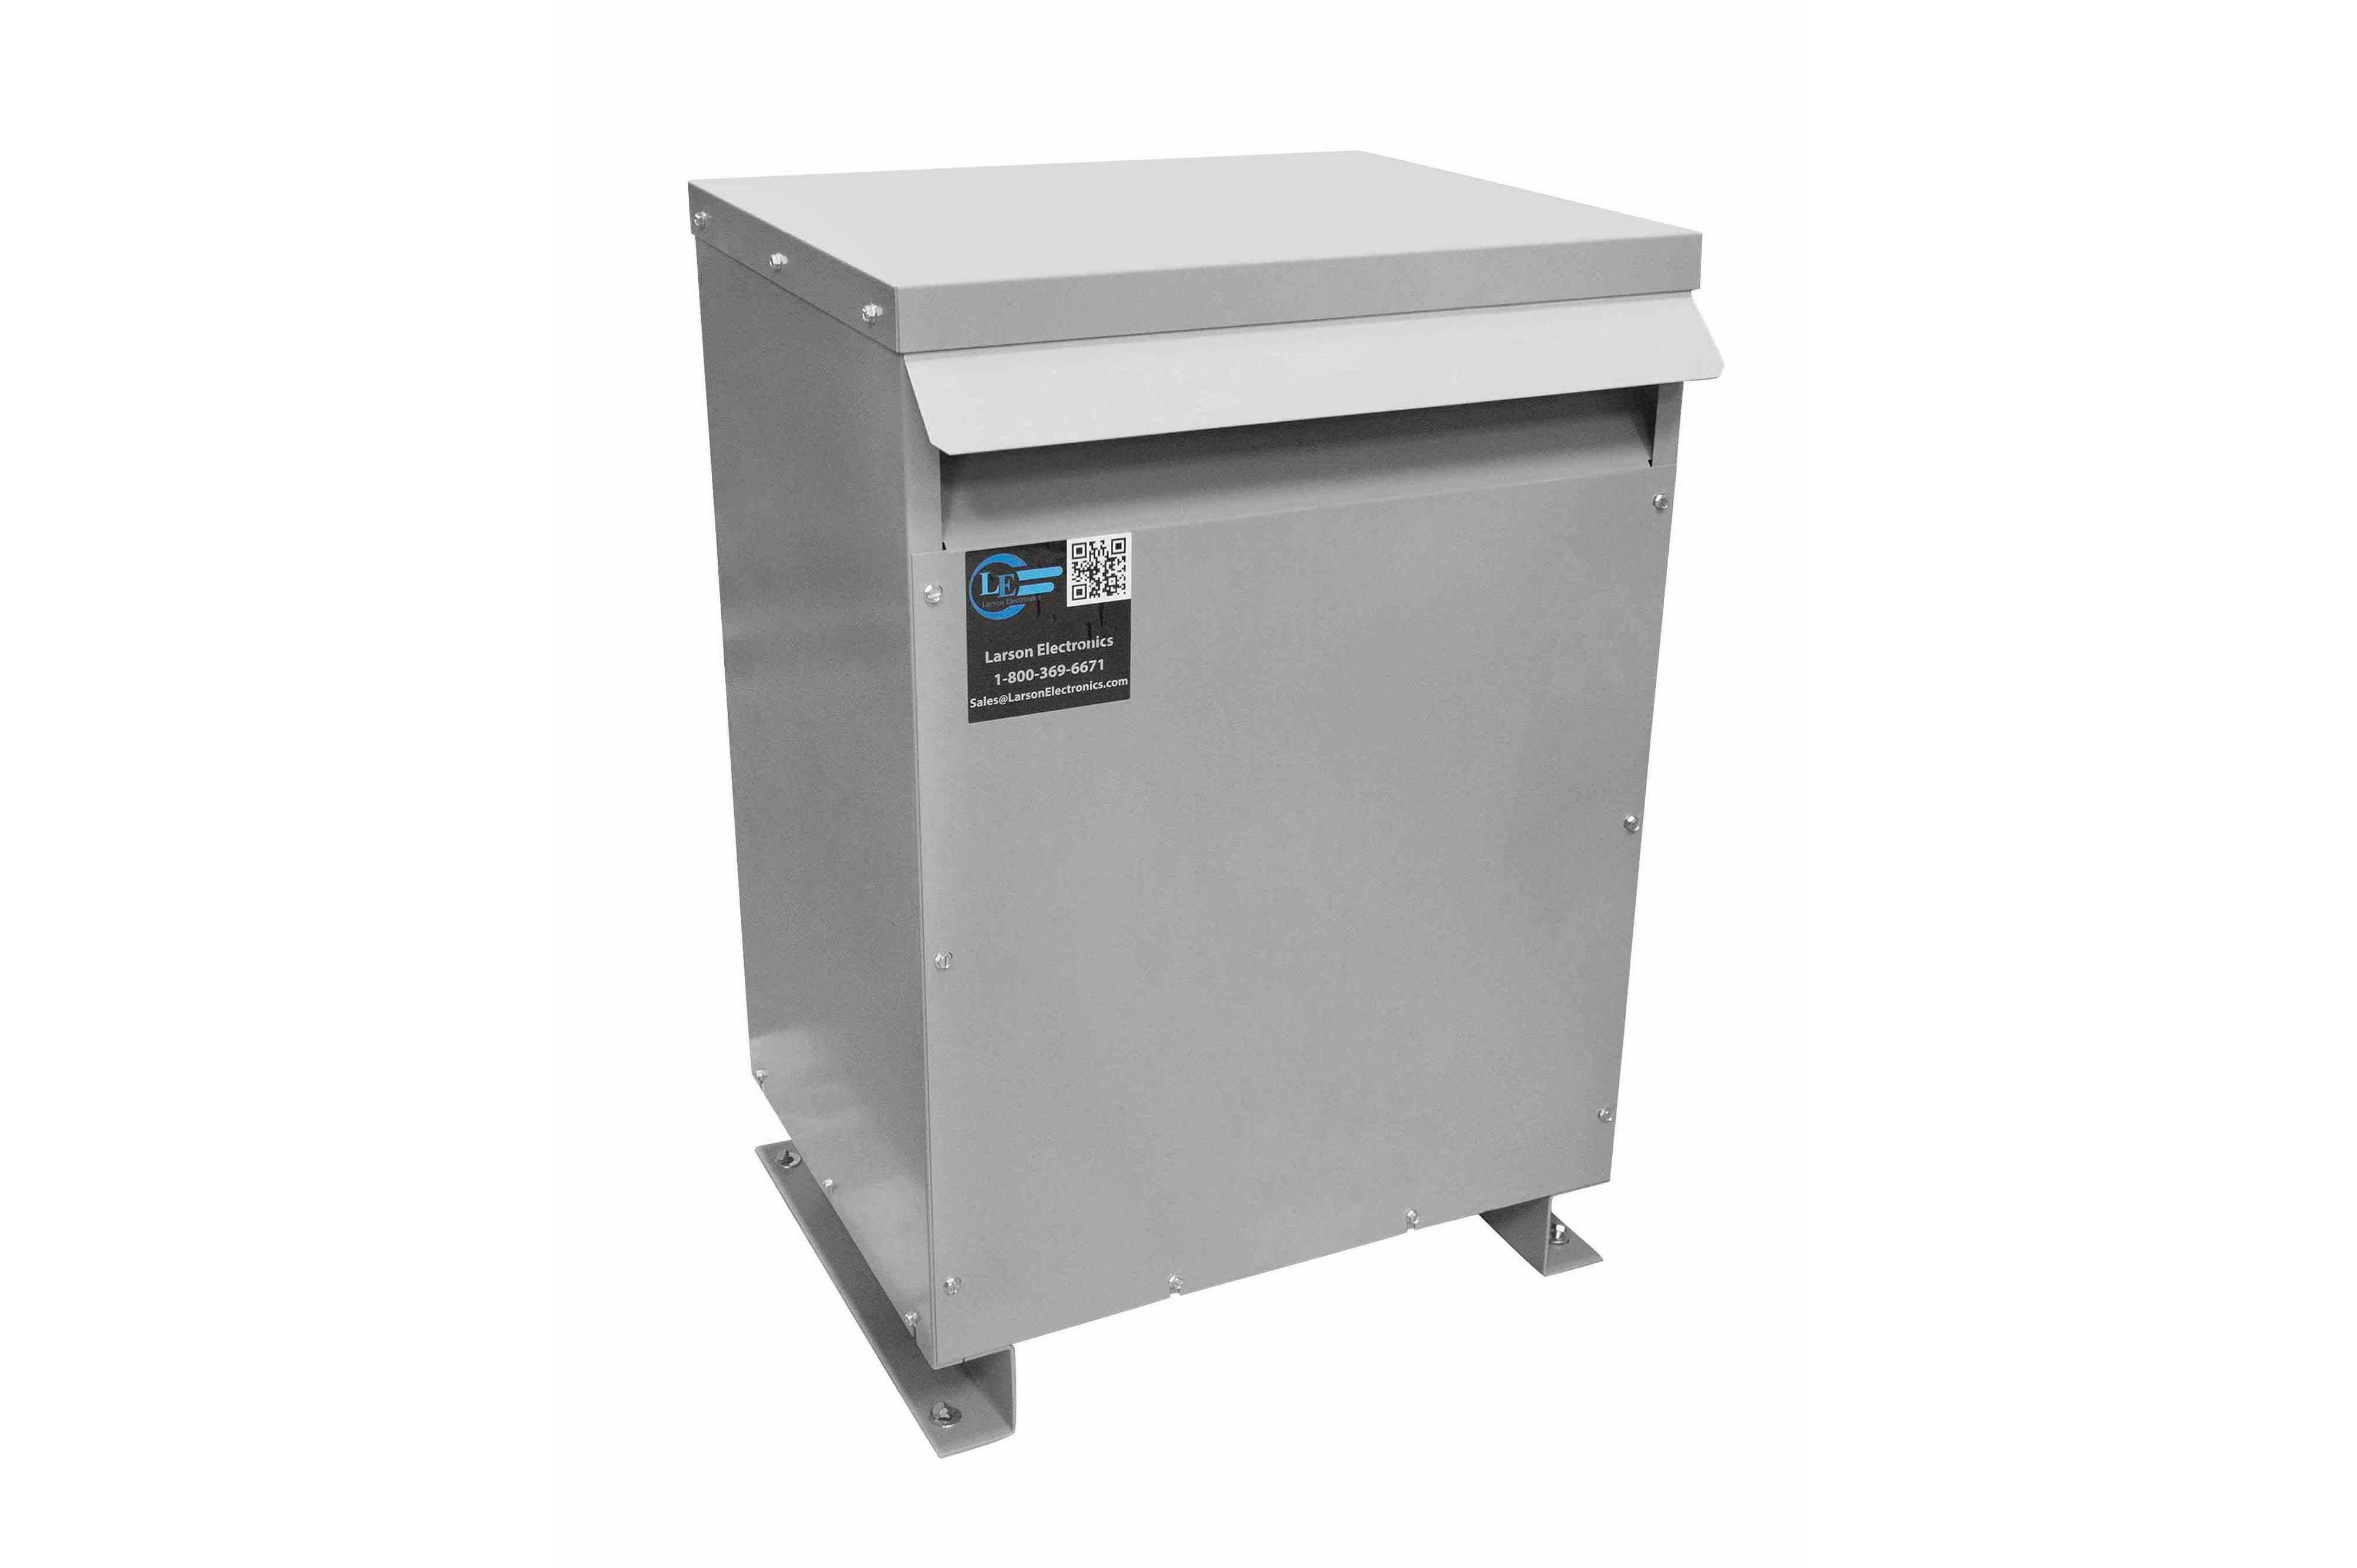 55 kVA 3PH Isolation Transformer, 400V Delta Primary, 240 Delta Secondary, N3R, Ventilated, 60 Hz